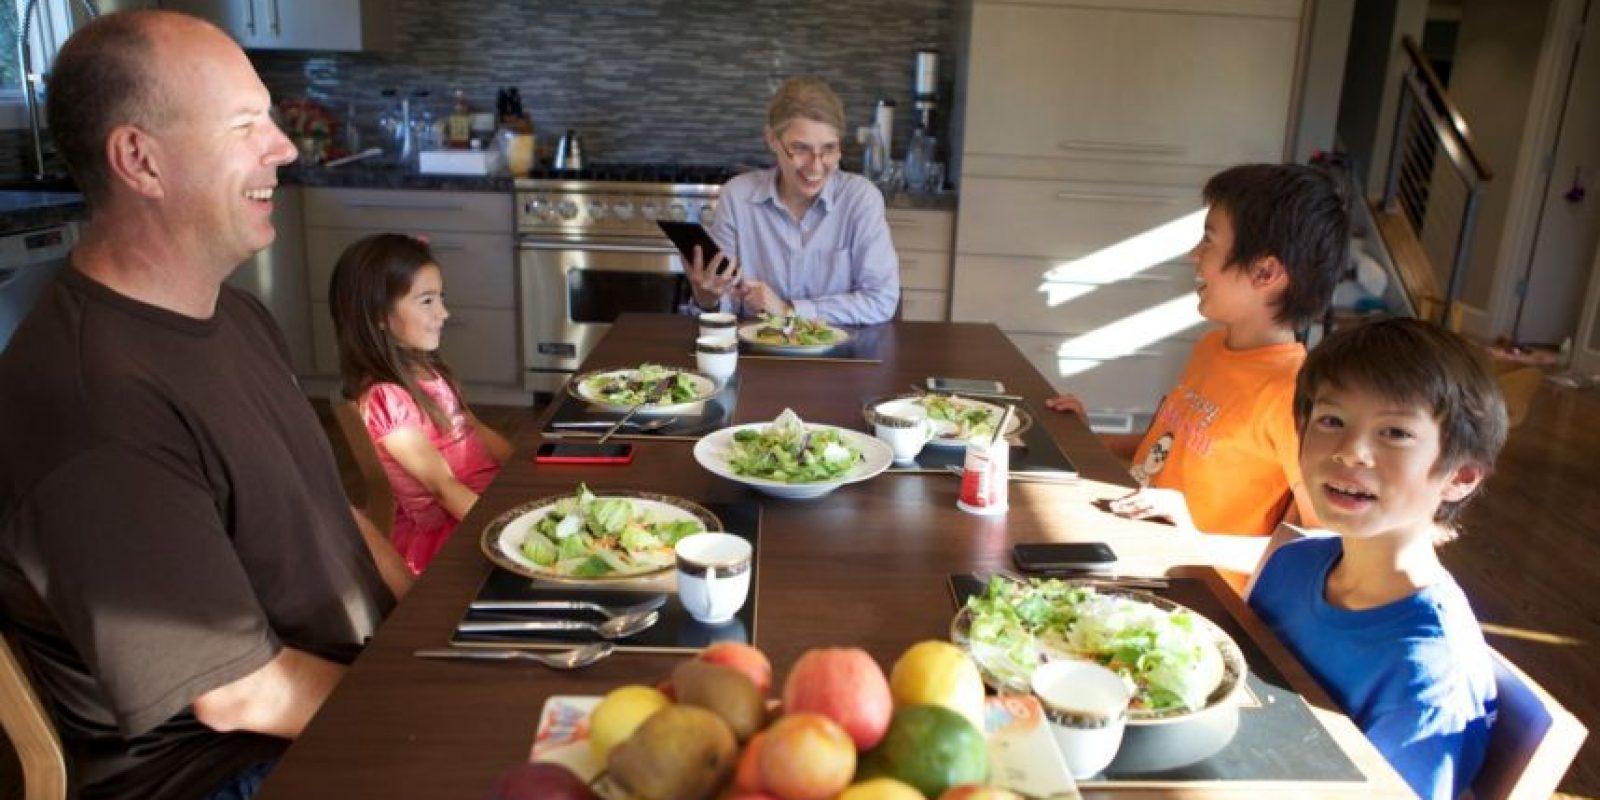 Creadores buscan que las personas sordas se integren a la vida cotidiana. Foto:Transcense